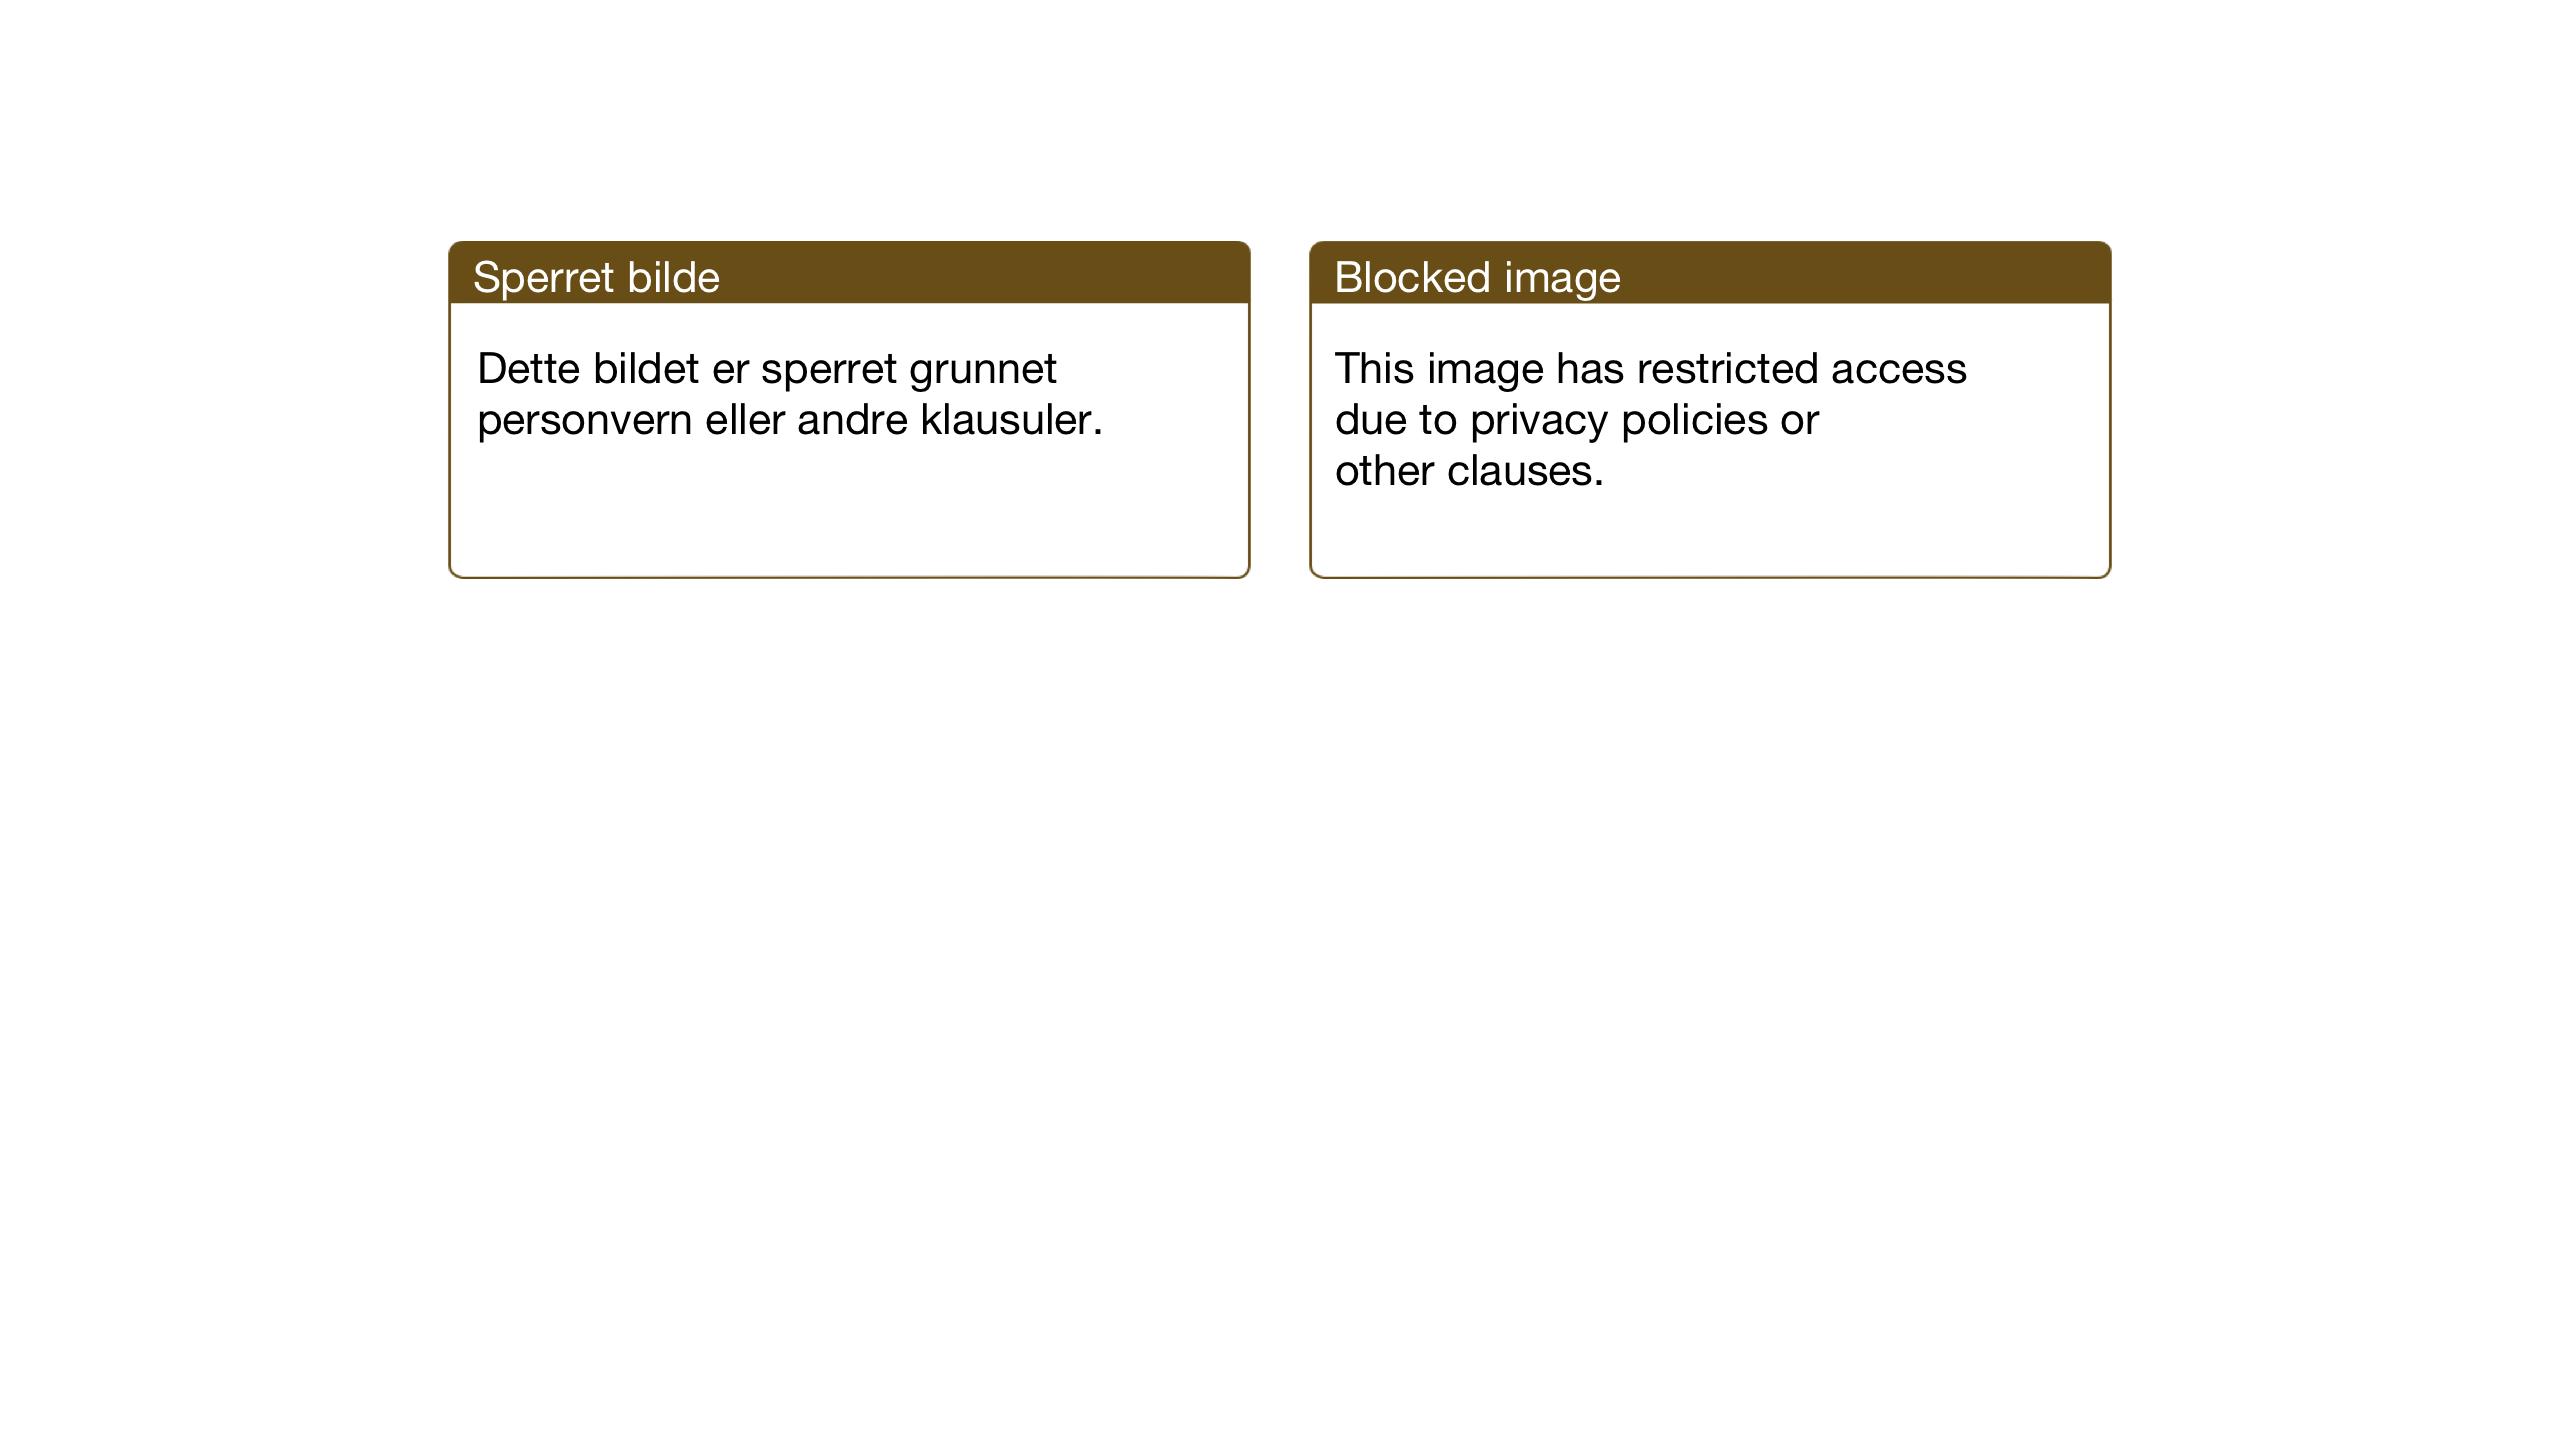 SAT, Ministerialprotokoller, klokkerbøker og fødselsregistre - Sør-Trøndelag, 670/L0837: Klokkerbok nr. 670C01, 1905-1946, s. 154-155